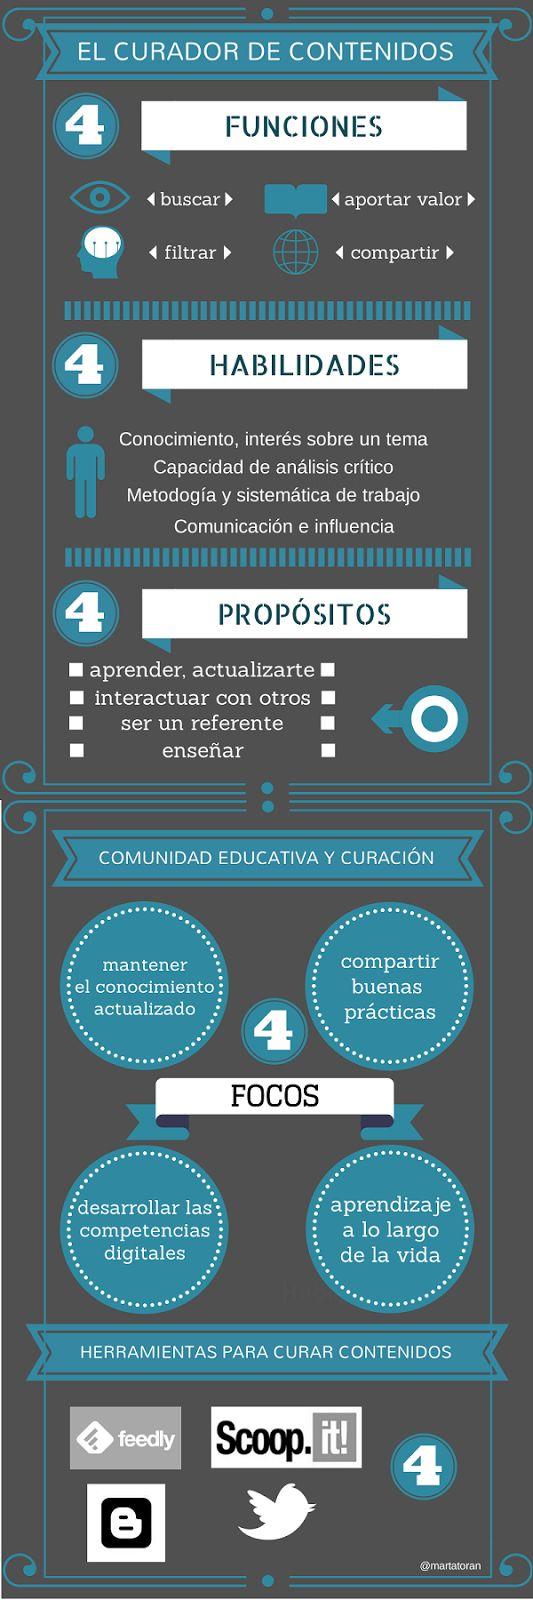 Mi infografia sobre Curación de Contenidos y el enlace a mi artículo:  http://portfoliople.blogspot.com.es/2014/02/curacion-de-contenidos-una-experiencia.html